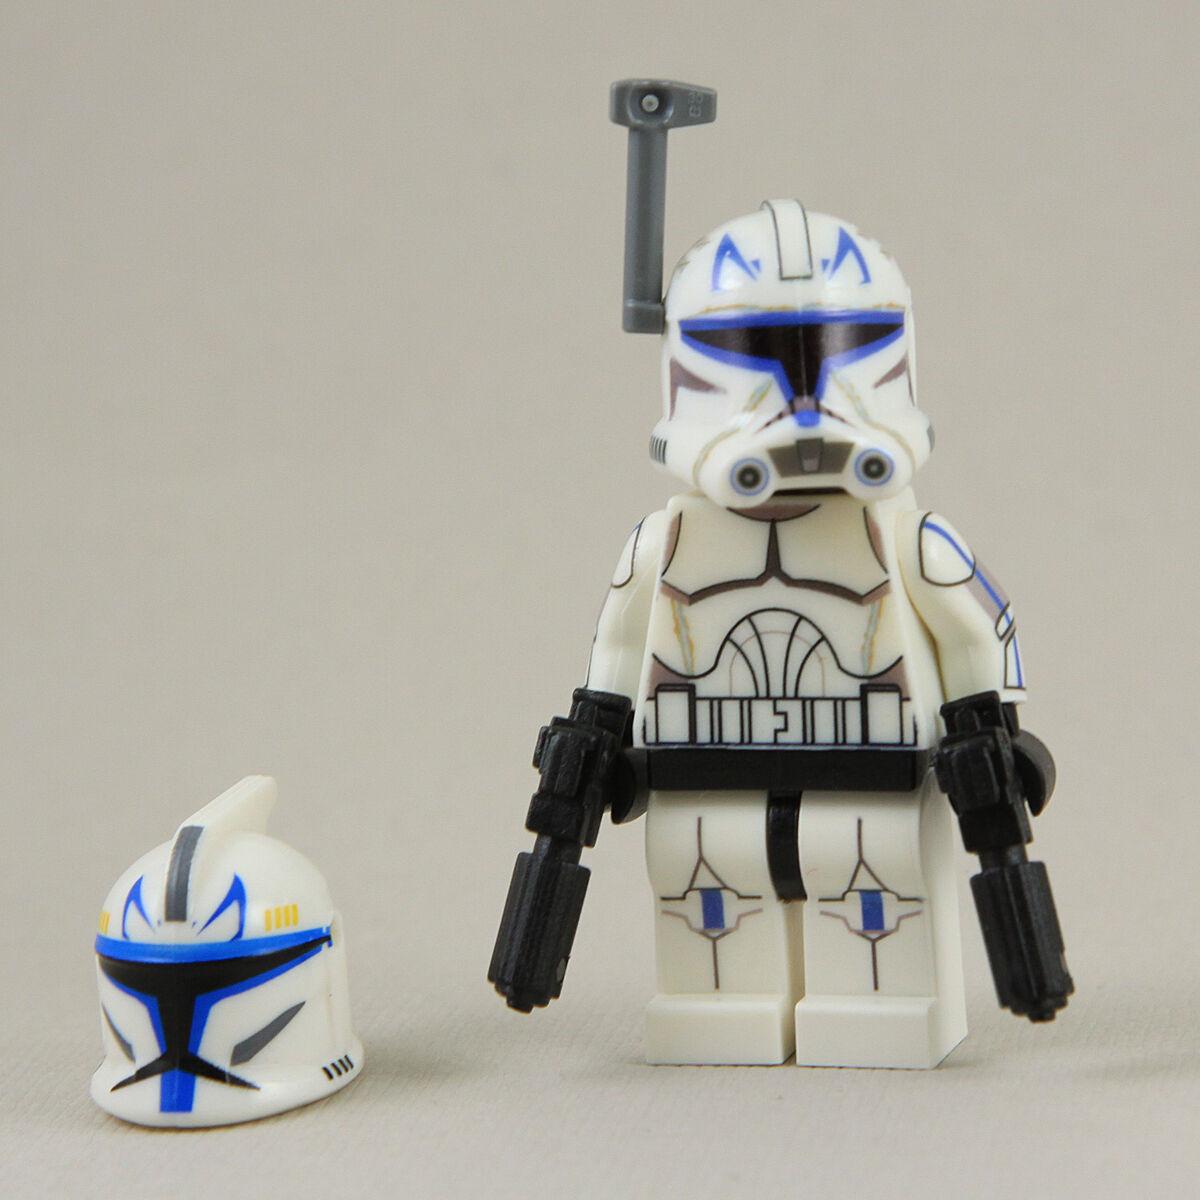 Lego t Rex Figure images